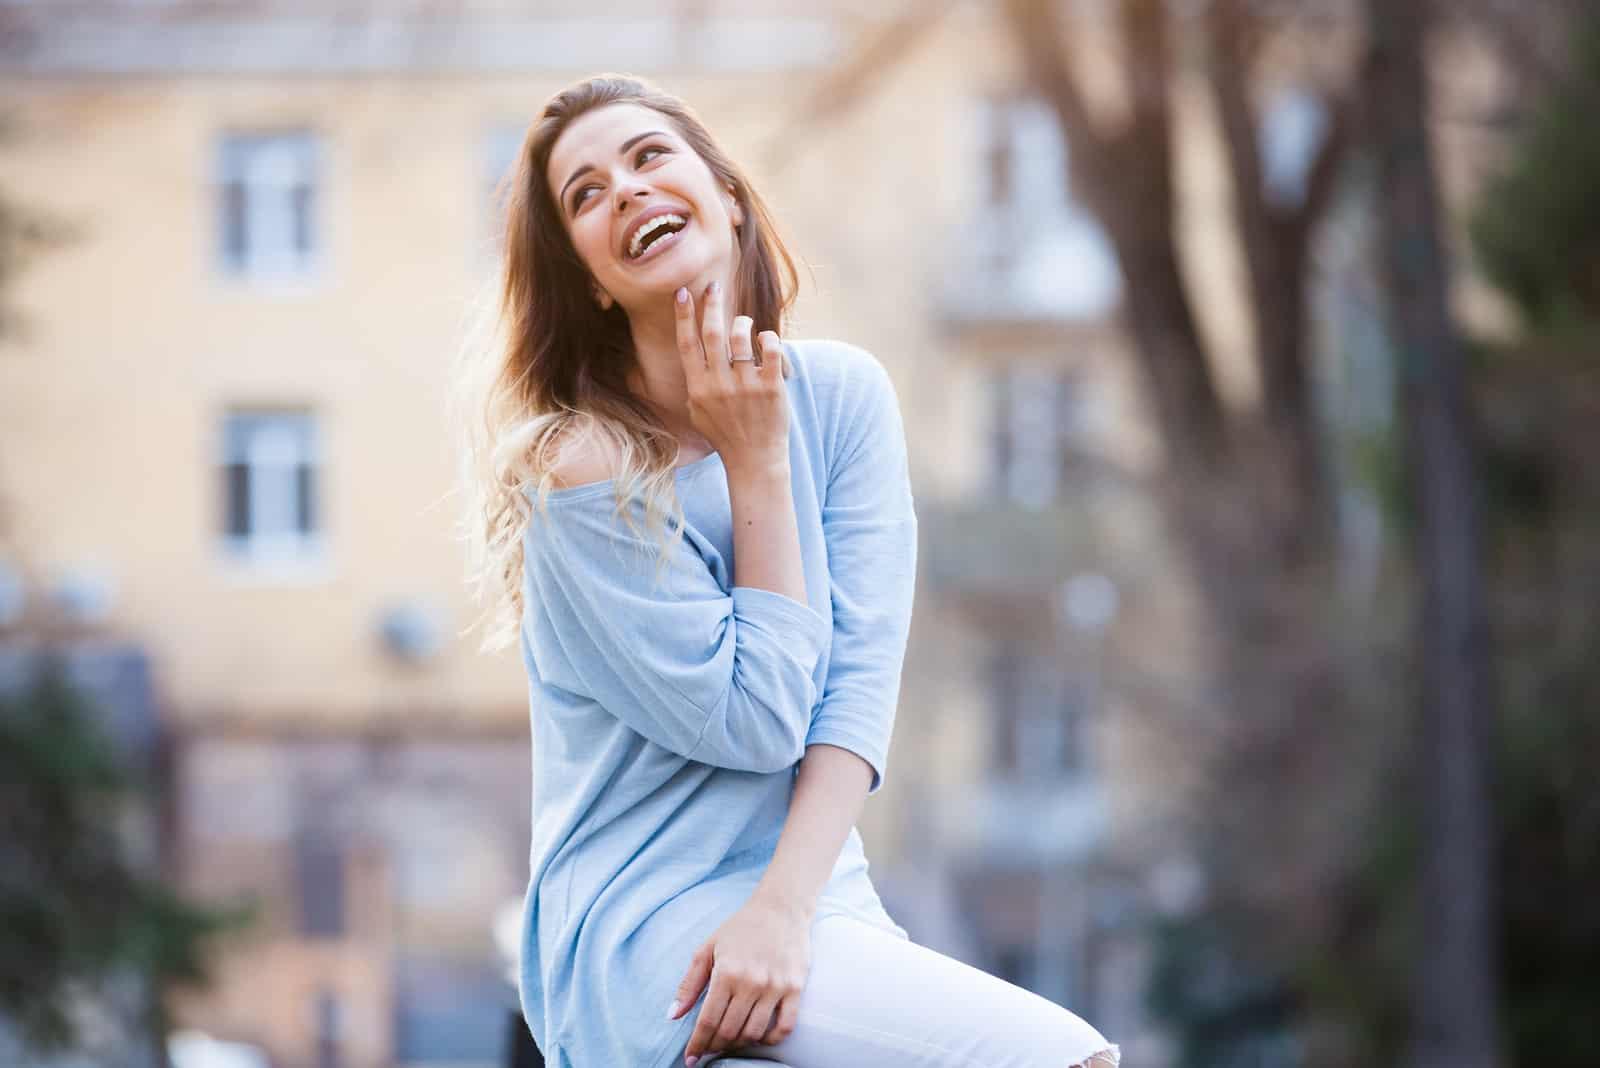 une femme souriante est assise sur la clôture et rit